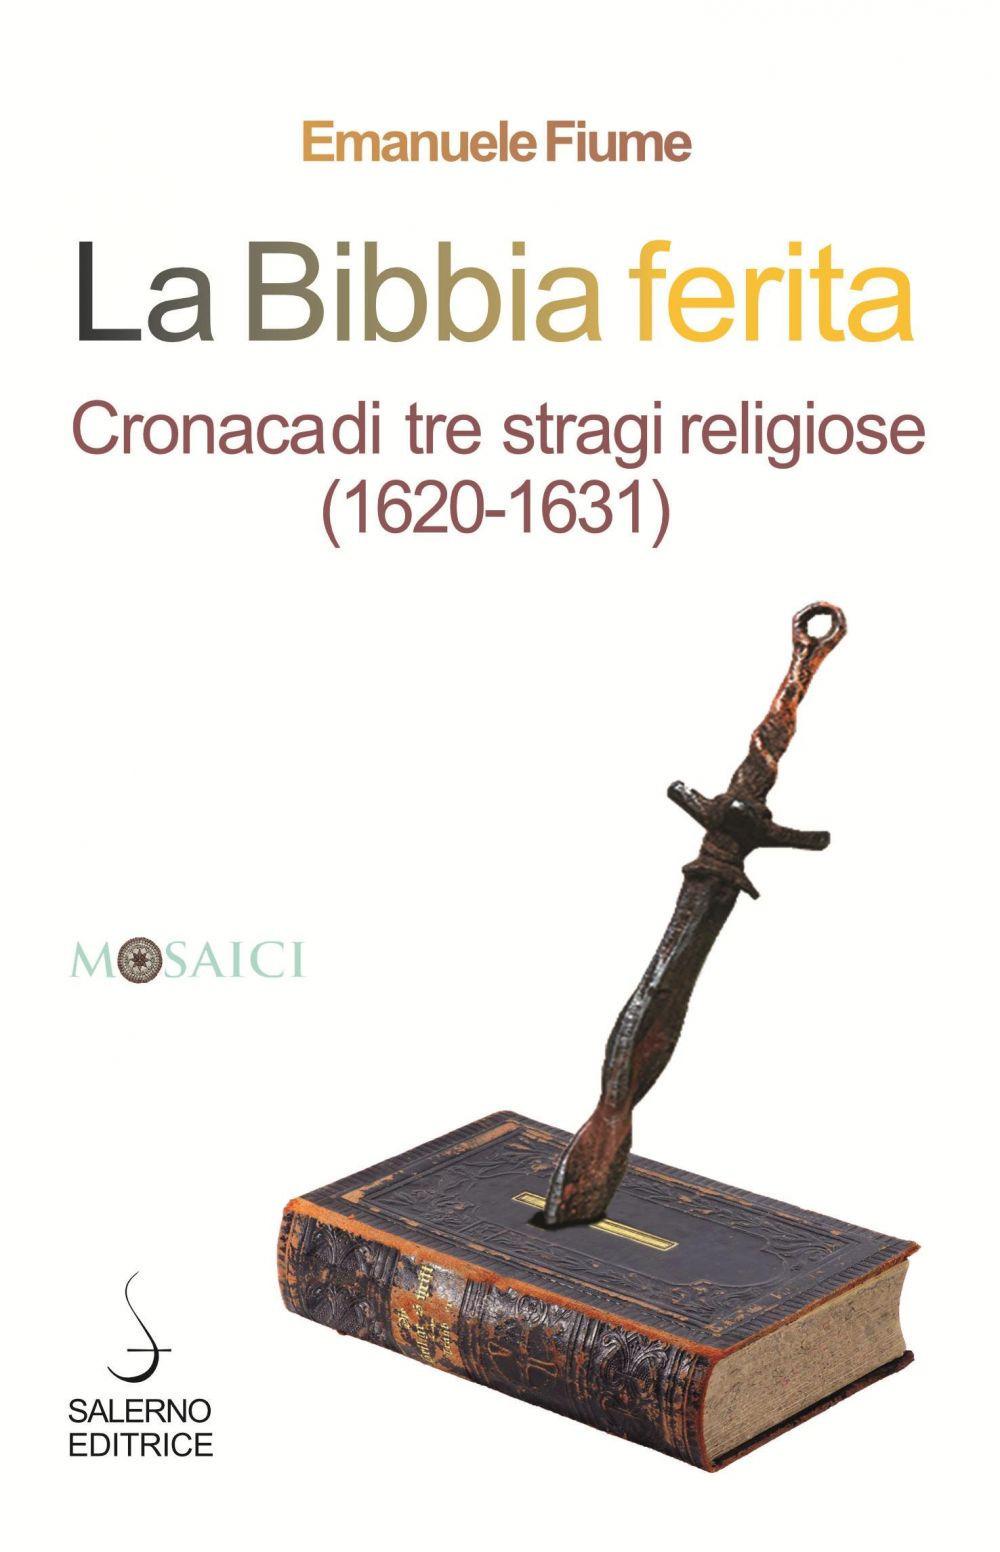 La Bibbia ferita. Cronaca di tre stragi religiose (1620)